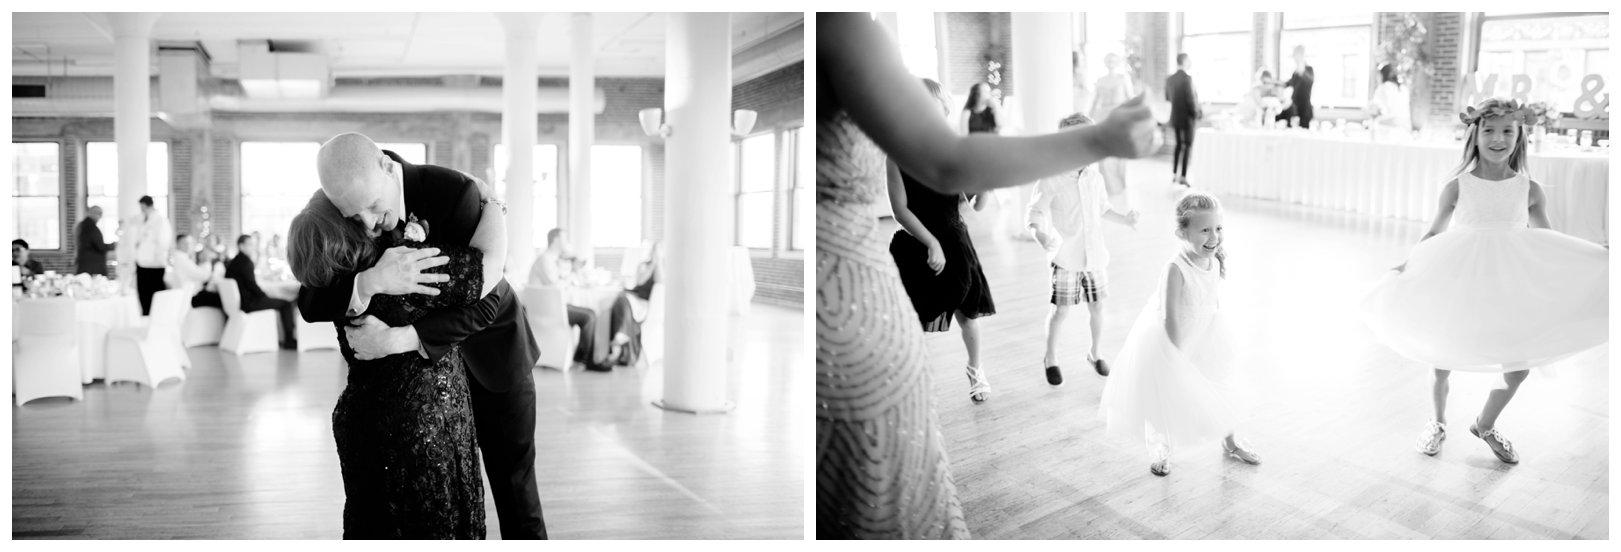 lauren muckler photography_fine art film wedding photography_st louis_photography_1338.jpg